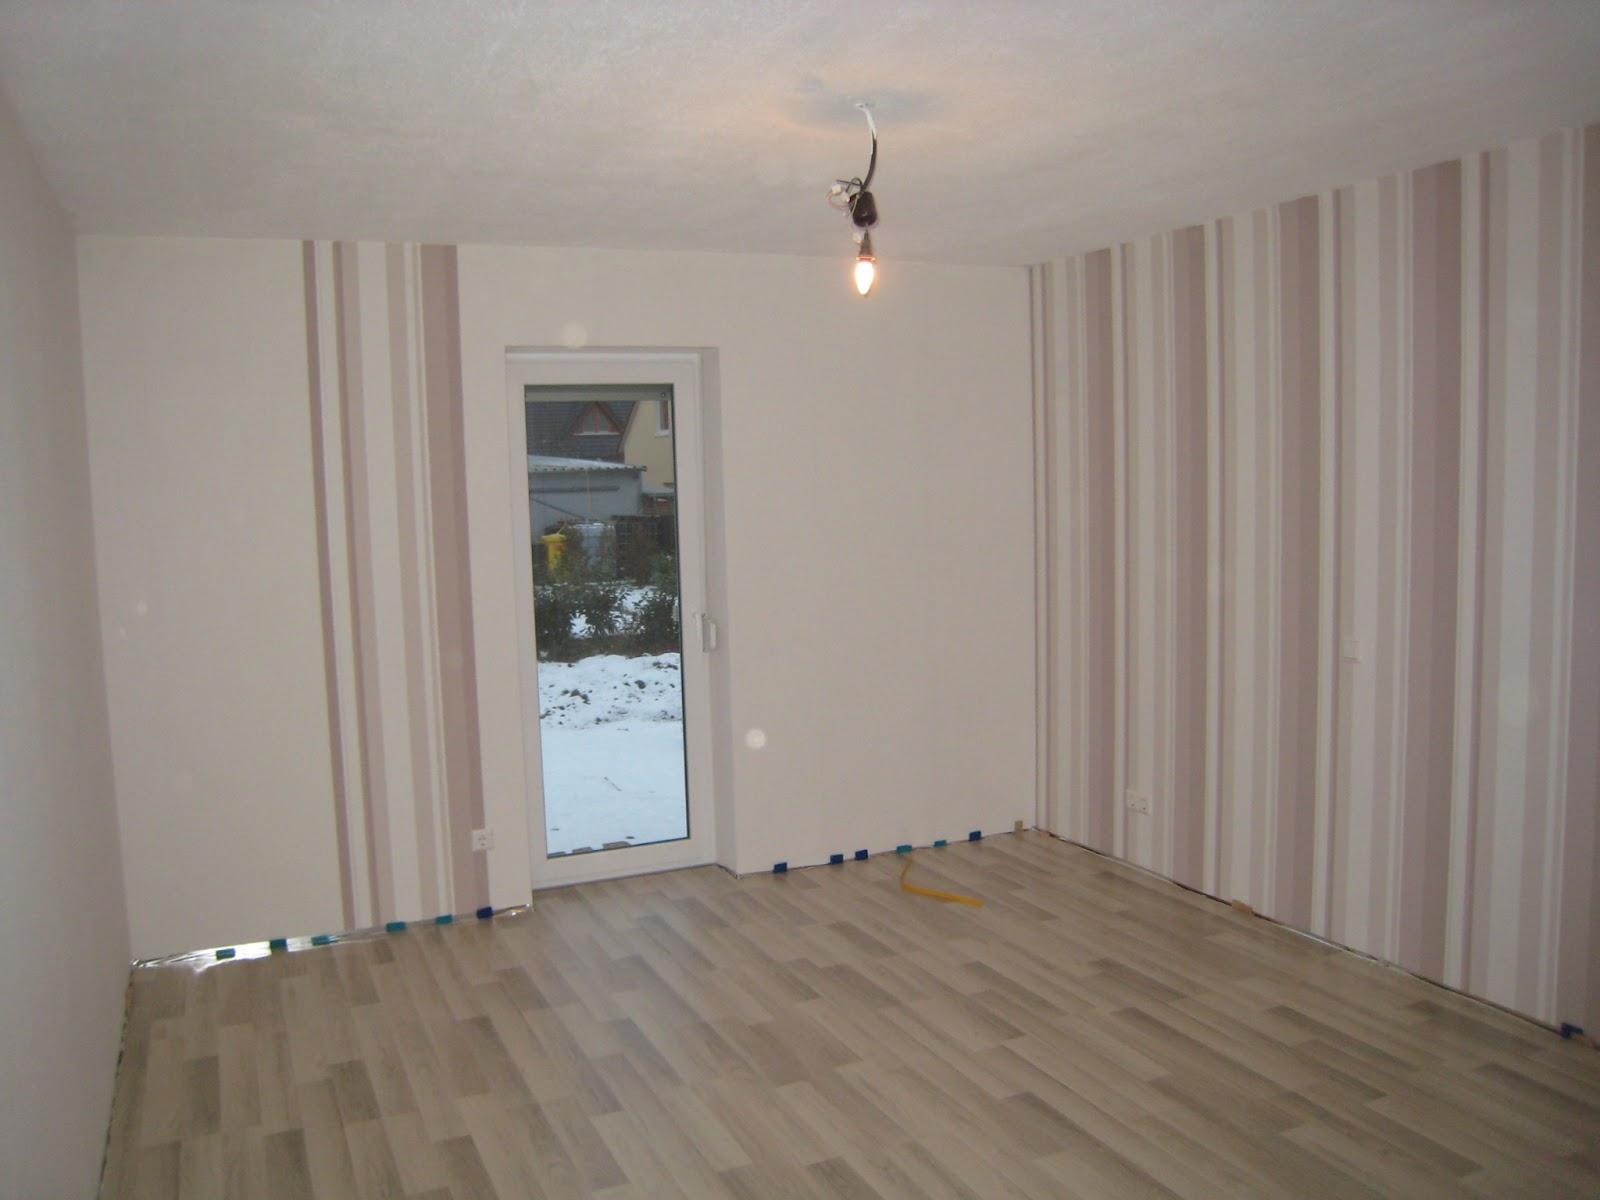 stein auf stein das haus wird bald fertig sein laminat im schlafzimmer gelegt. Black Bedroom Furniture Sets. Home Design Ideas